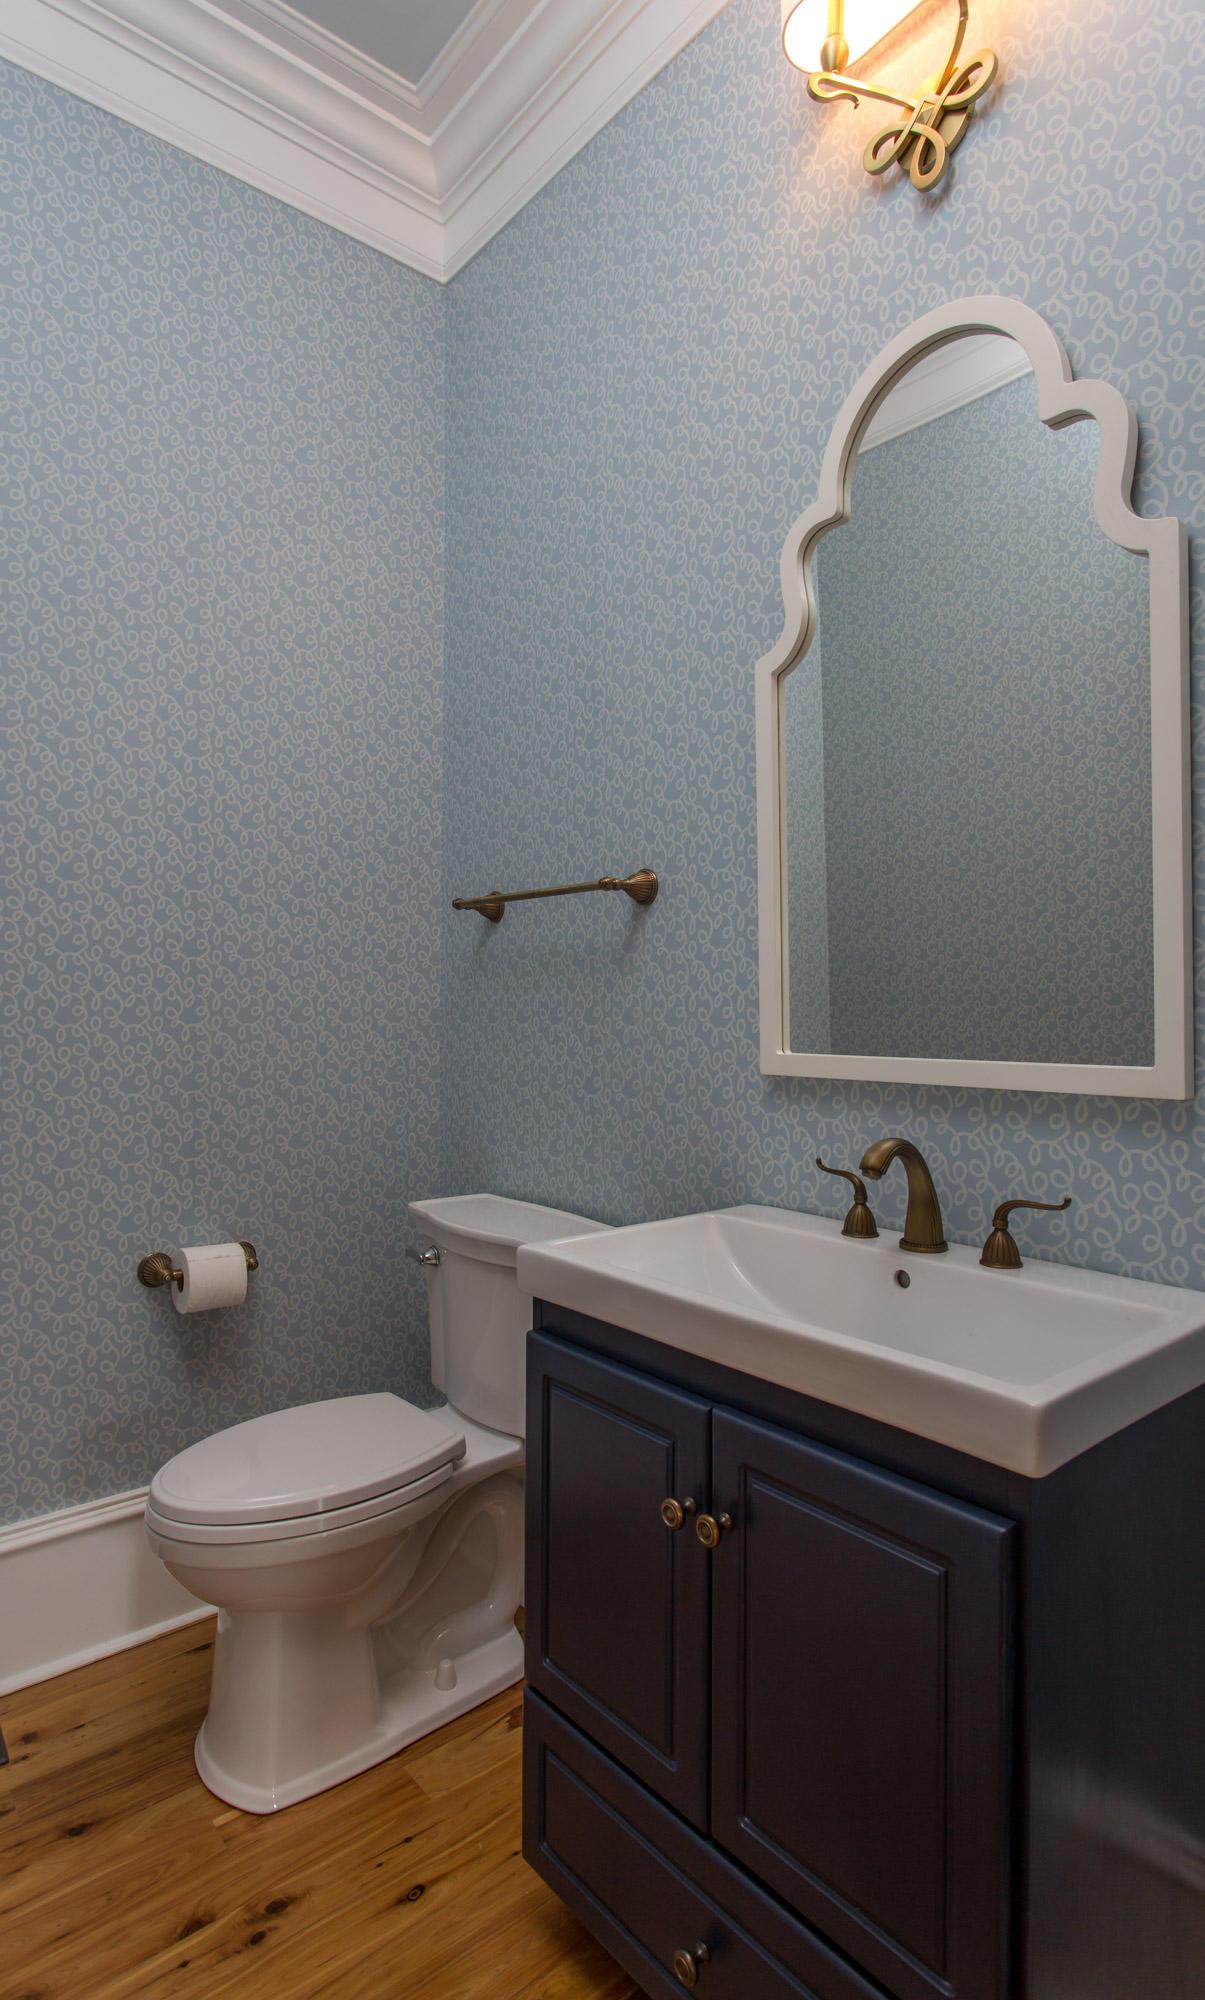 Dunes West Homes For Sale - 3044 Yachtsman, Mount Pleasant, SC - 49